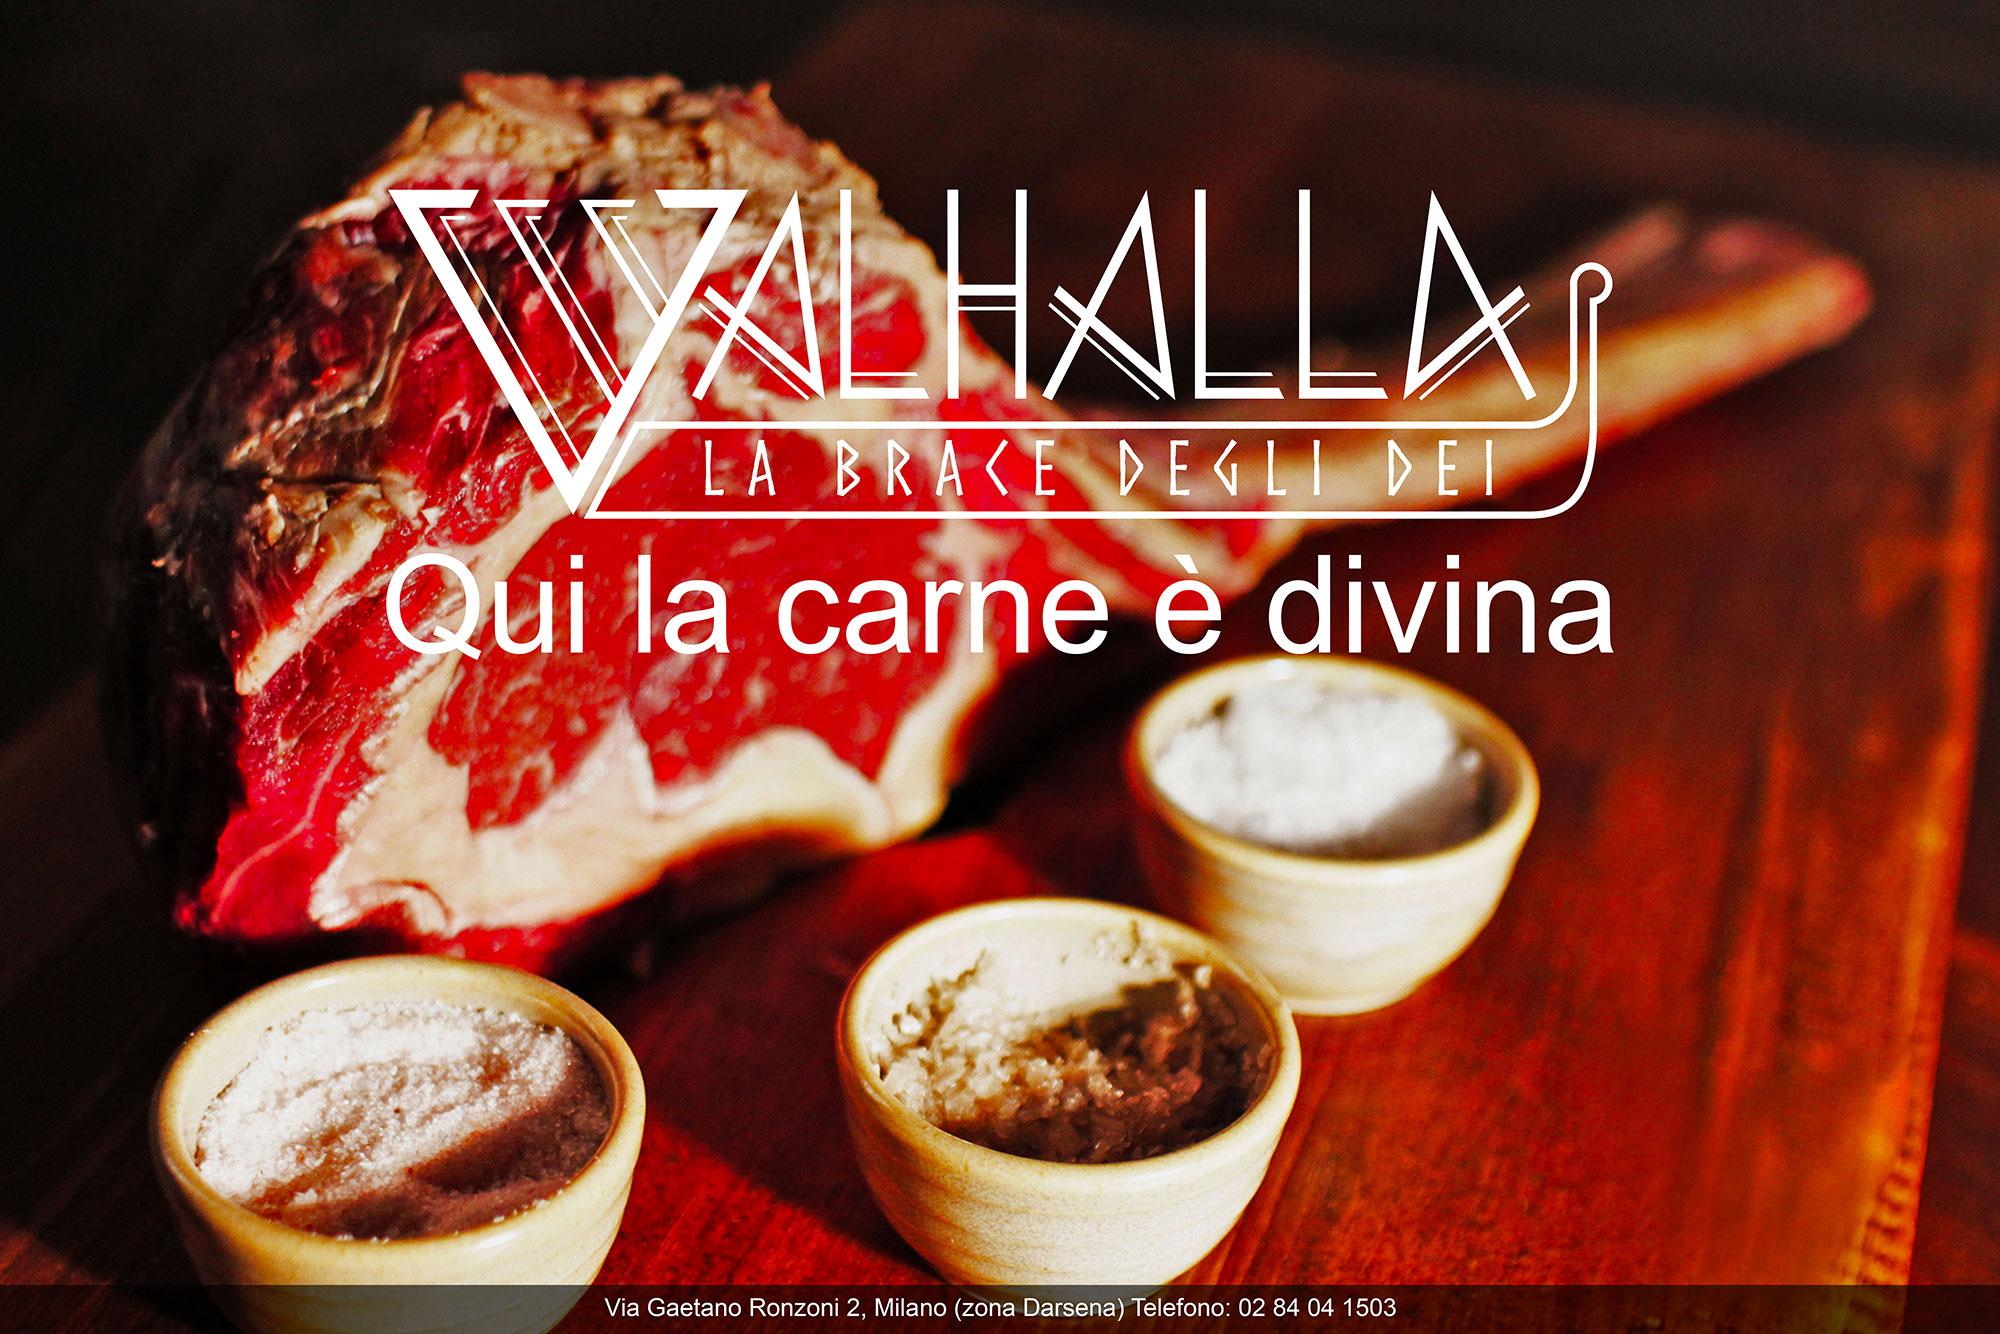 Valhalla il primo ristorante vichingo a Milano